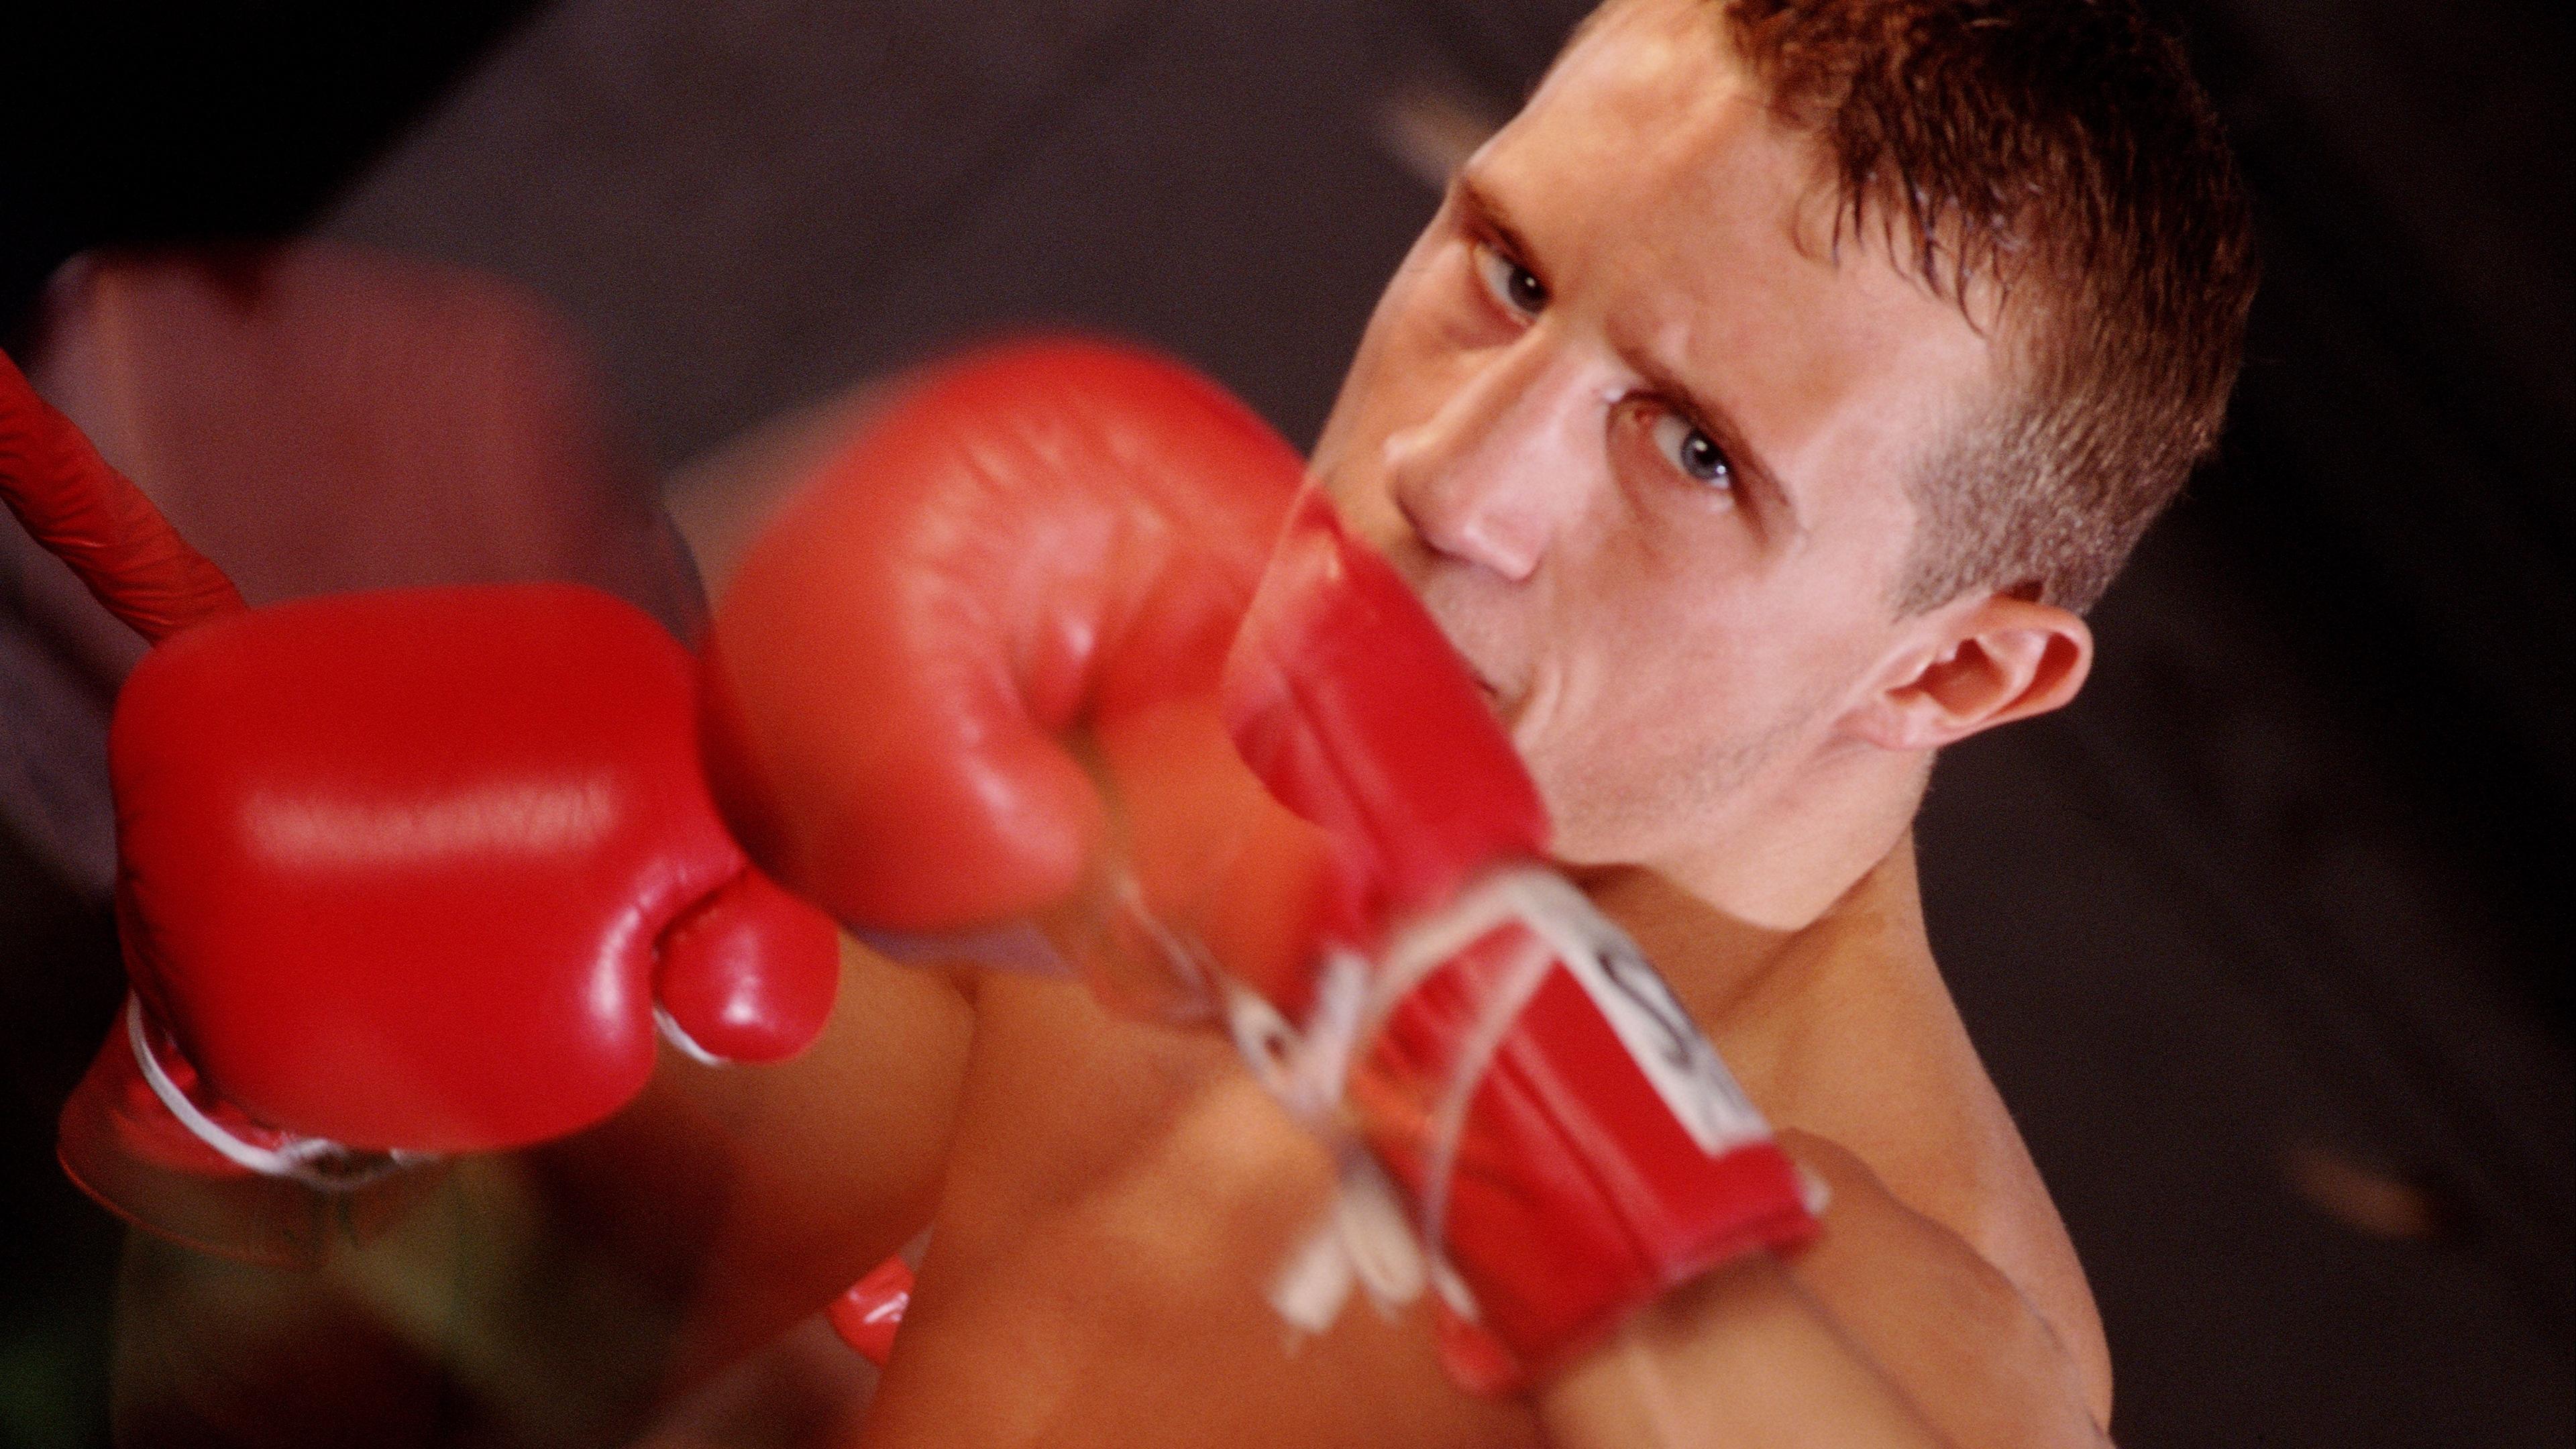 boxer blurred motion shock 4k 1540060974 - boxer, blurred, motion, shock 4k - Motion, Boxer, Blurred